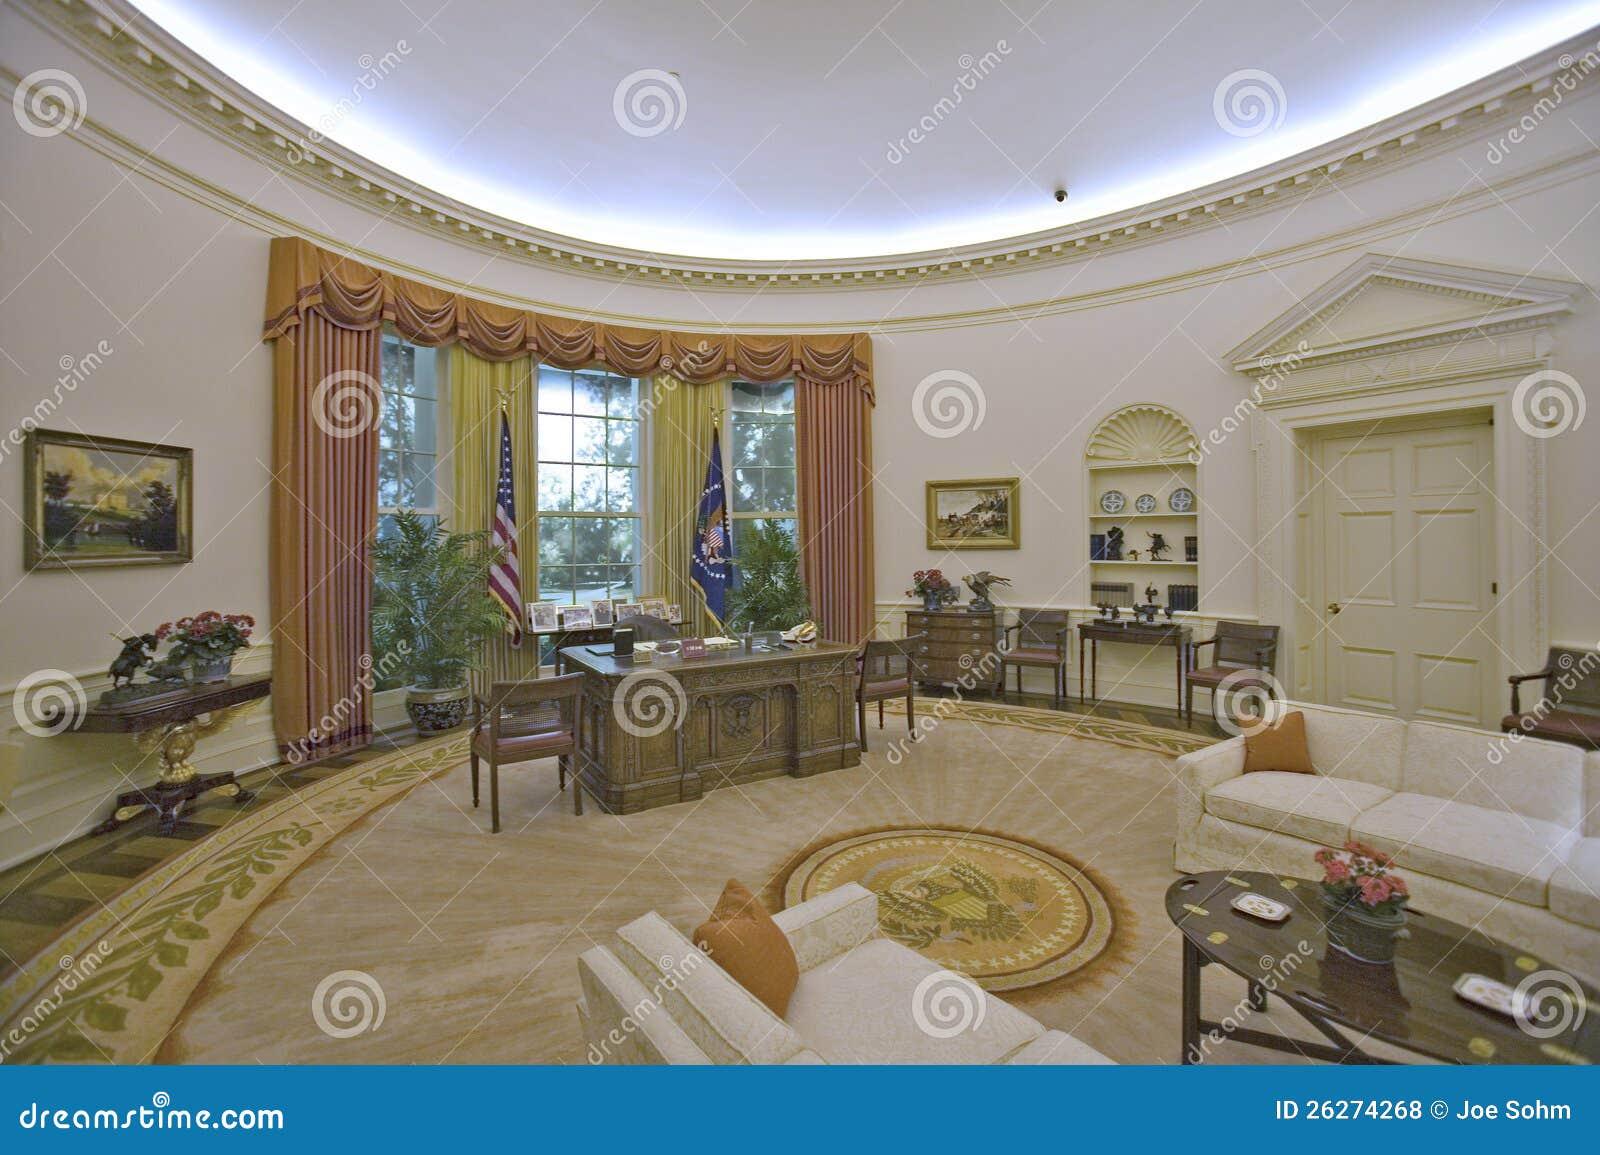 Reproduction du bureau d ovale de la maison blanche photo stock